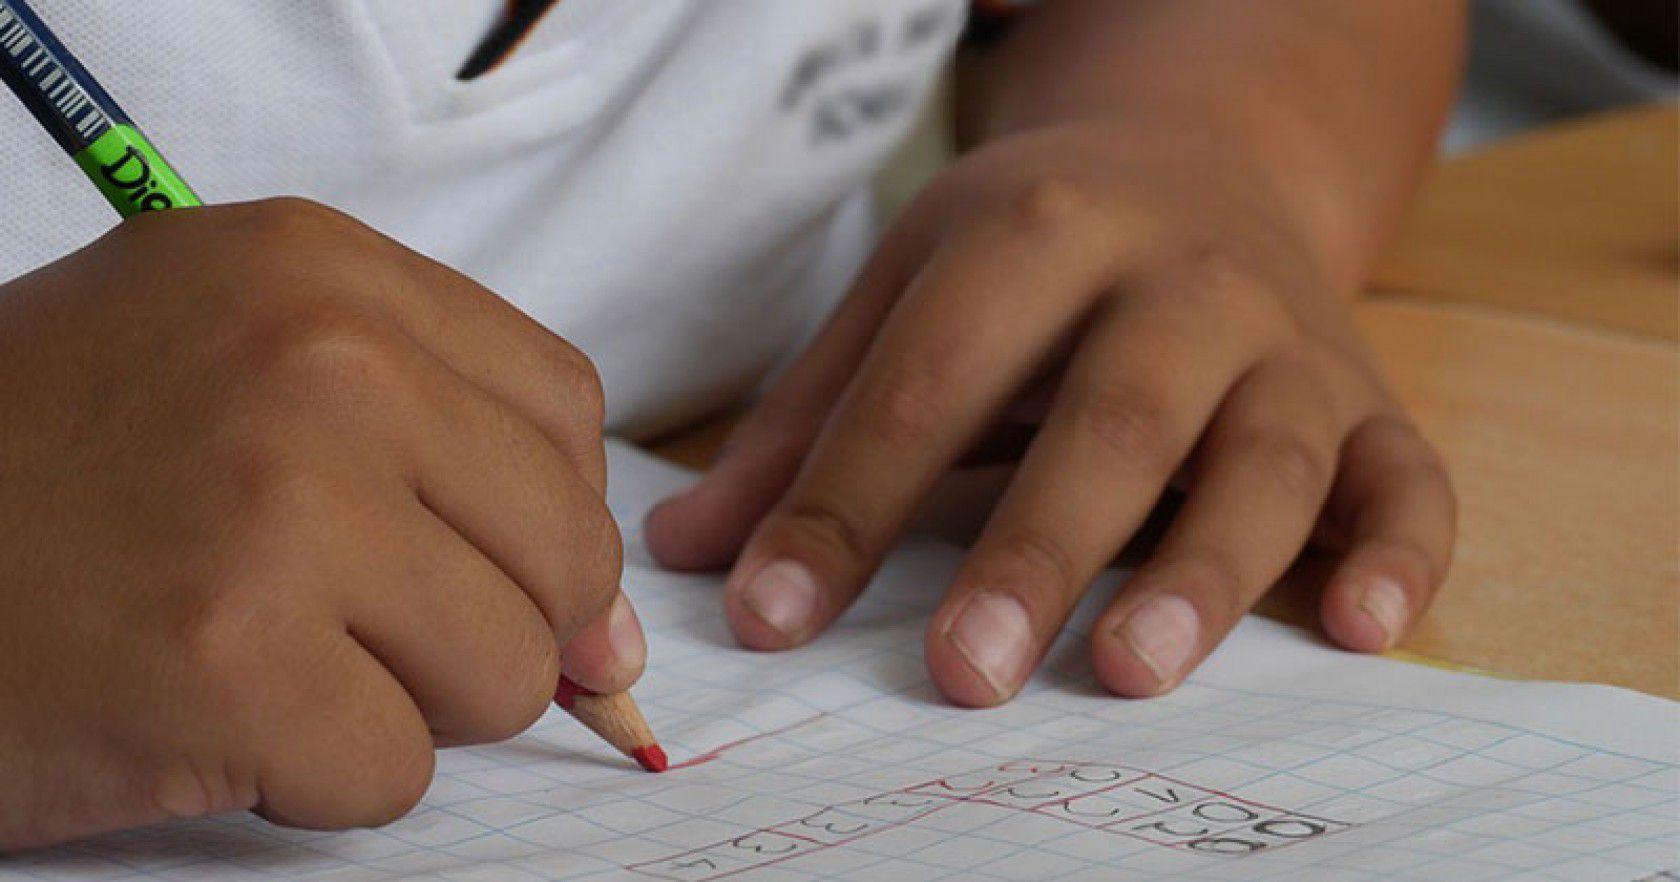 İngiltere'de Ortaokul Eğitiminin Avantajları Nelerdir?